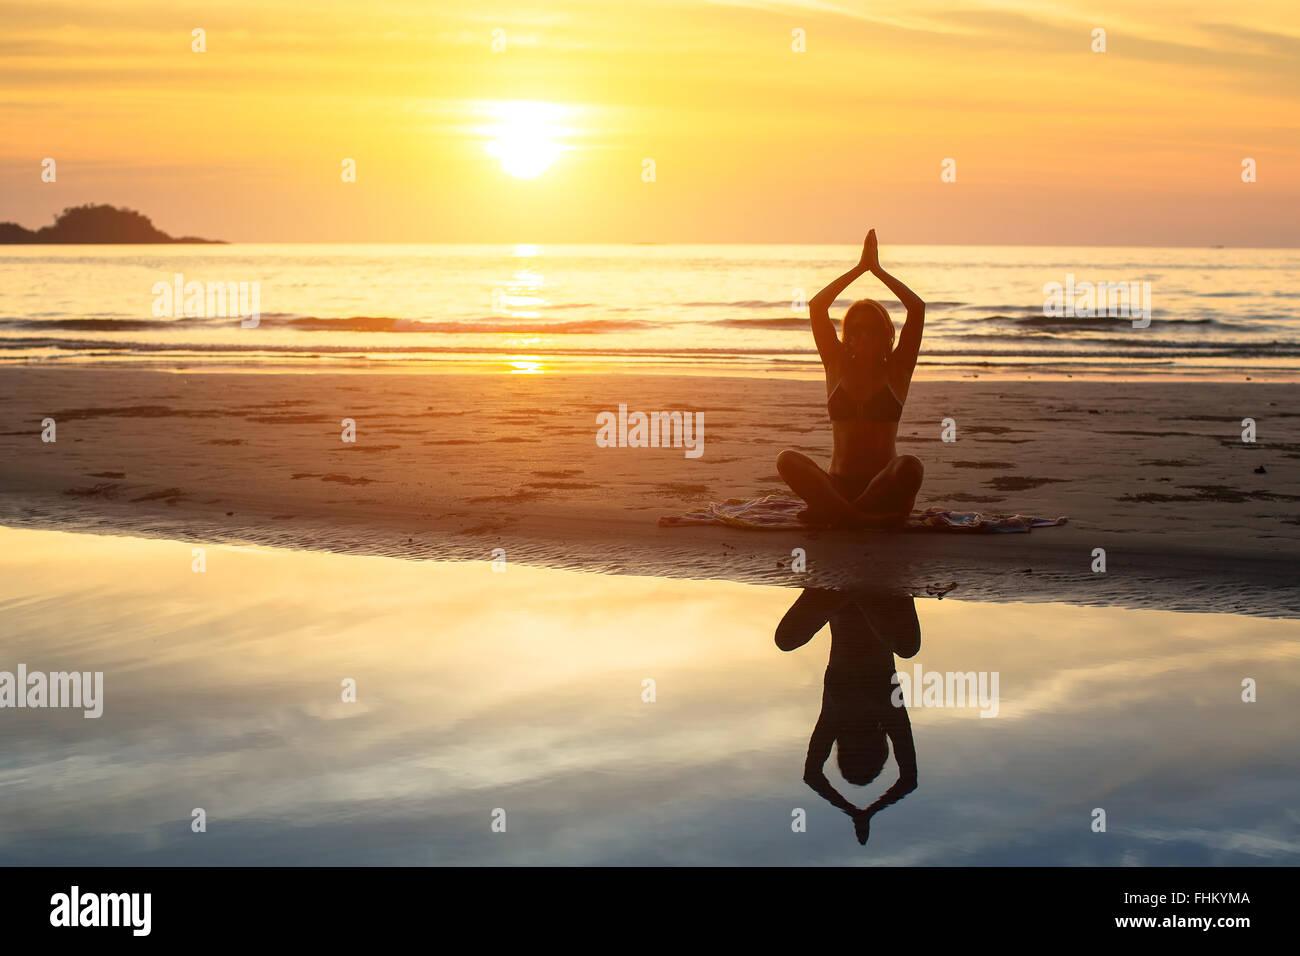 Silueta de una mujer sentada en la playa durante un precioso atardecer, con reflejo en el agua. Imagen De Stock